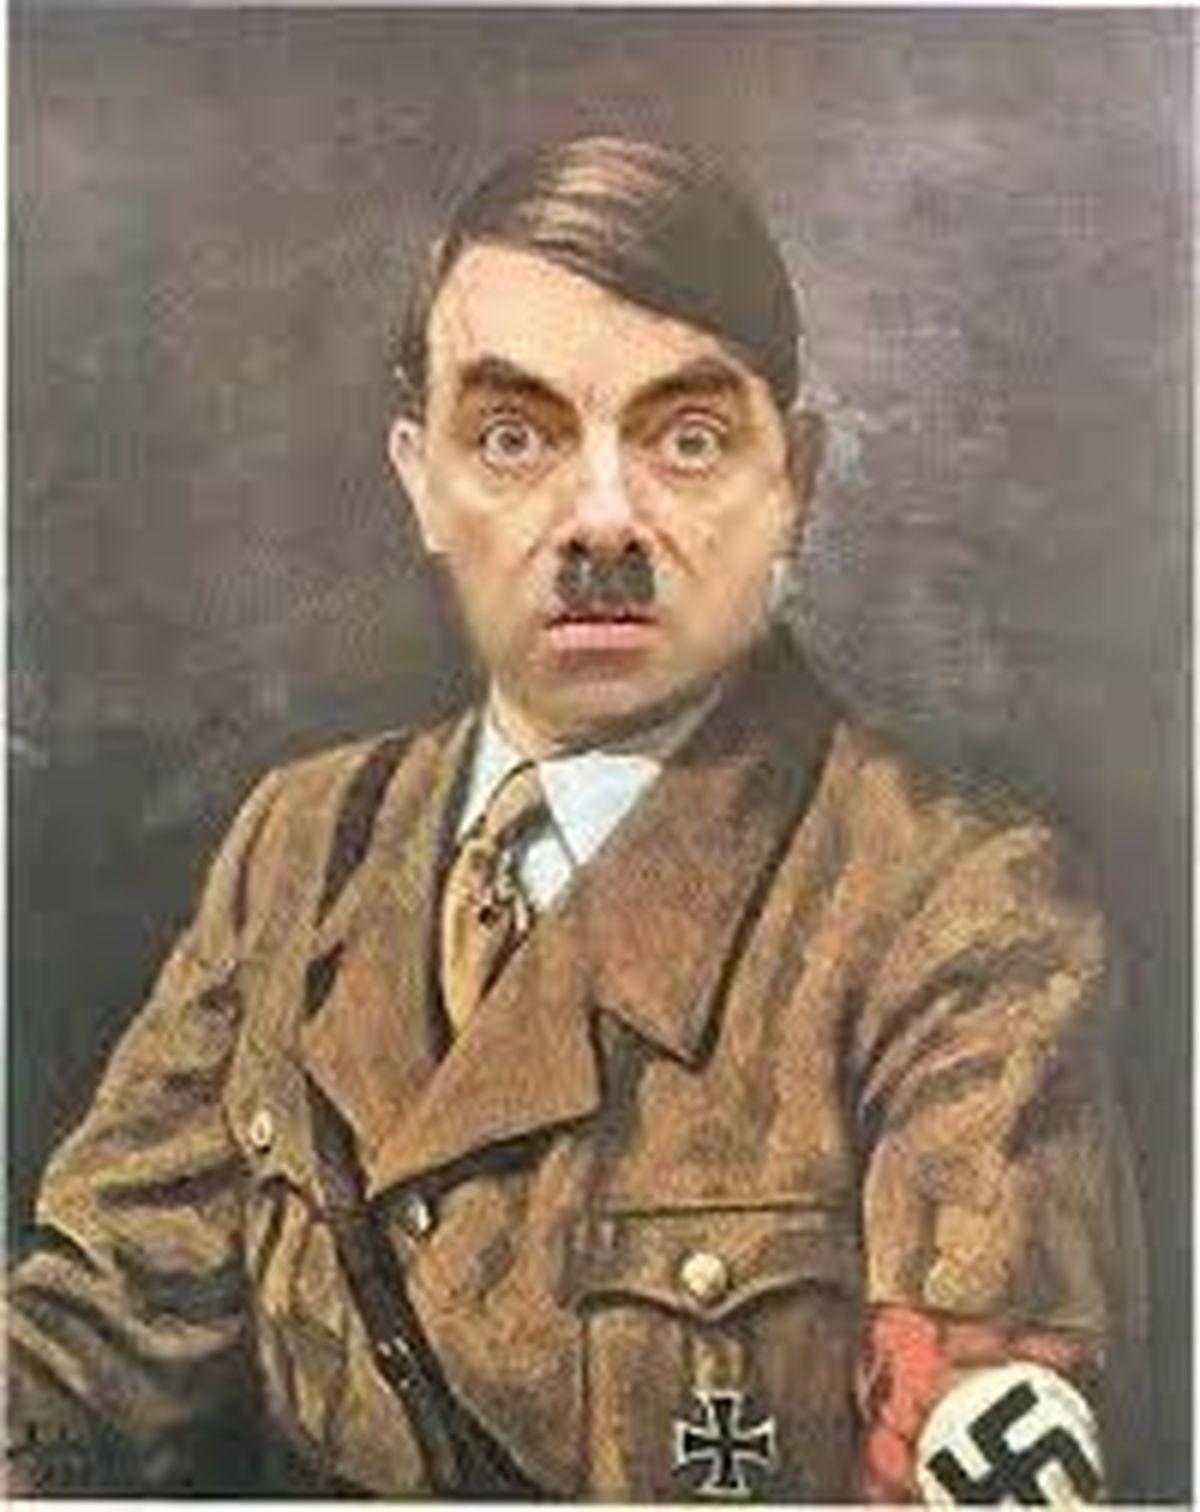 مستر بین  |   یک بازیگر، کمدین نقش هیتلر را بازی میکند